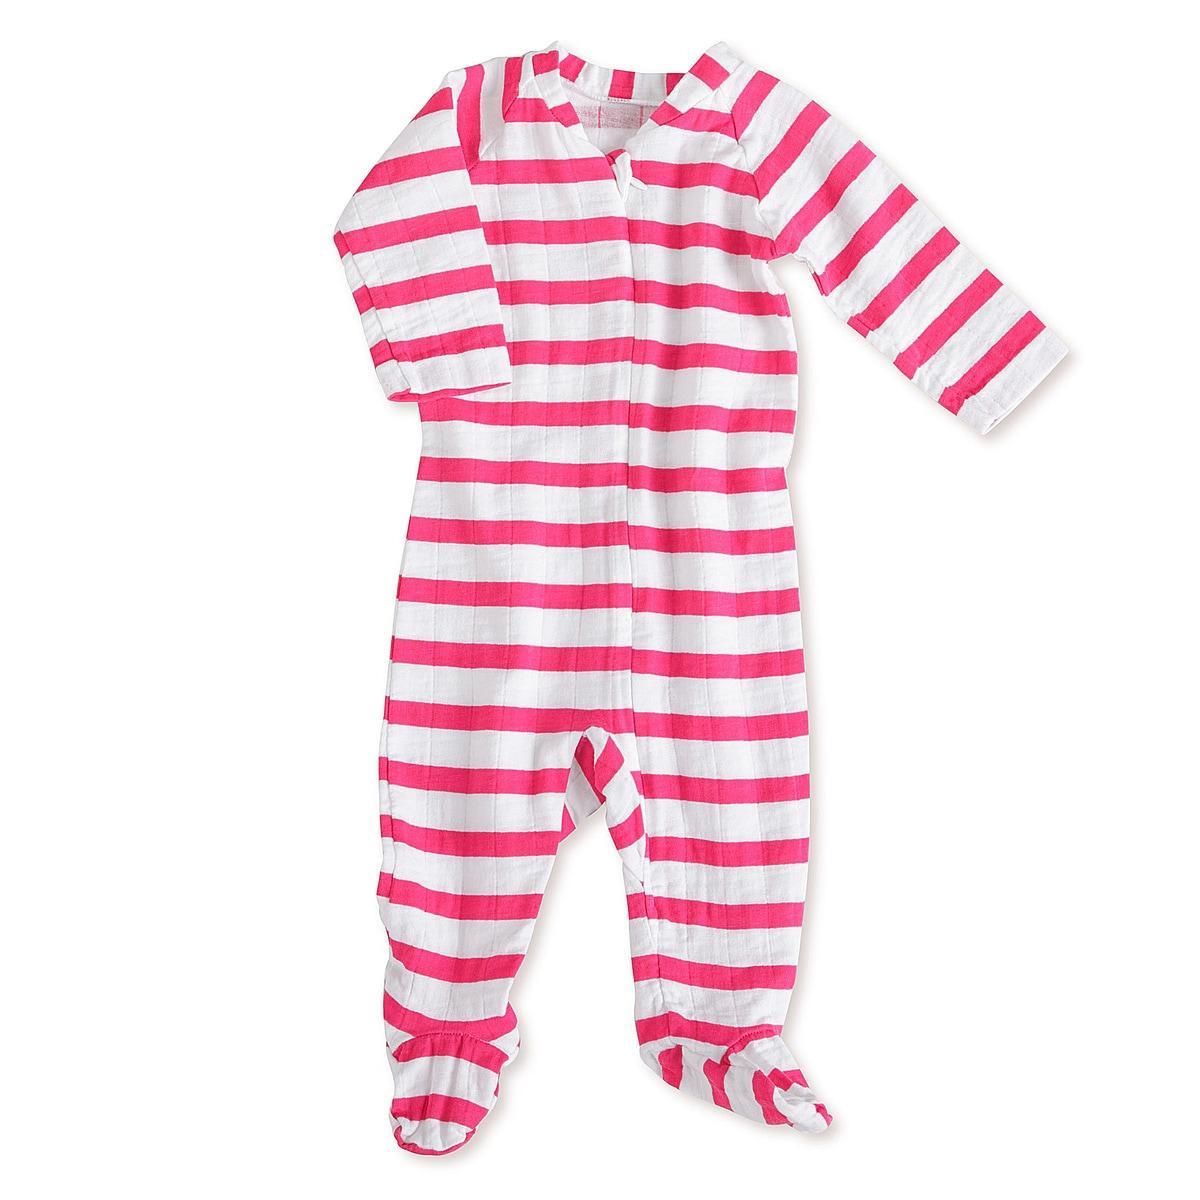 aden + anais Girls 6-9 Months Pink Blazer Stripe Muslin Long-Sleeve Zip One Piece